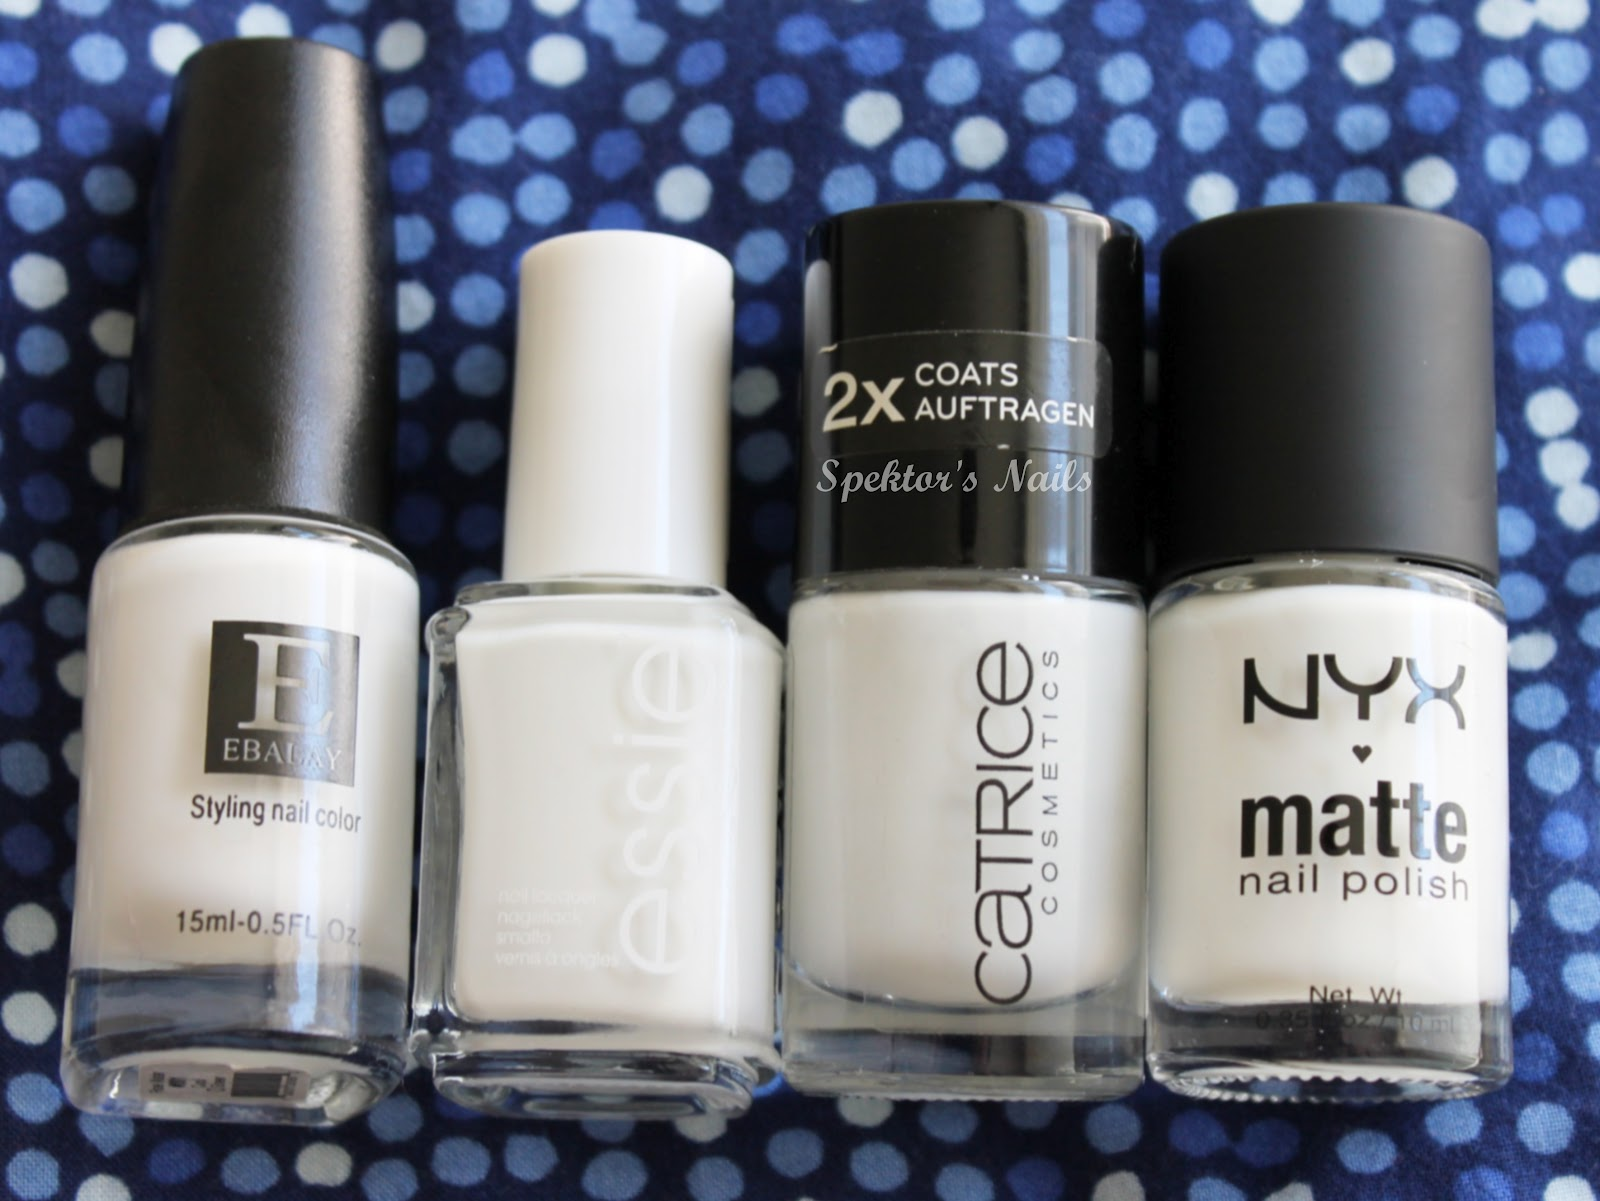 Spektor's Nails: Best White Nail Polish - The Comparison!